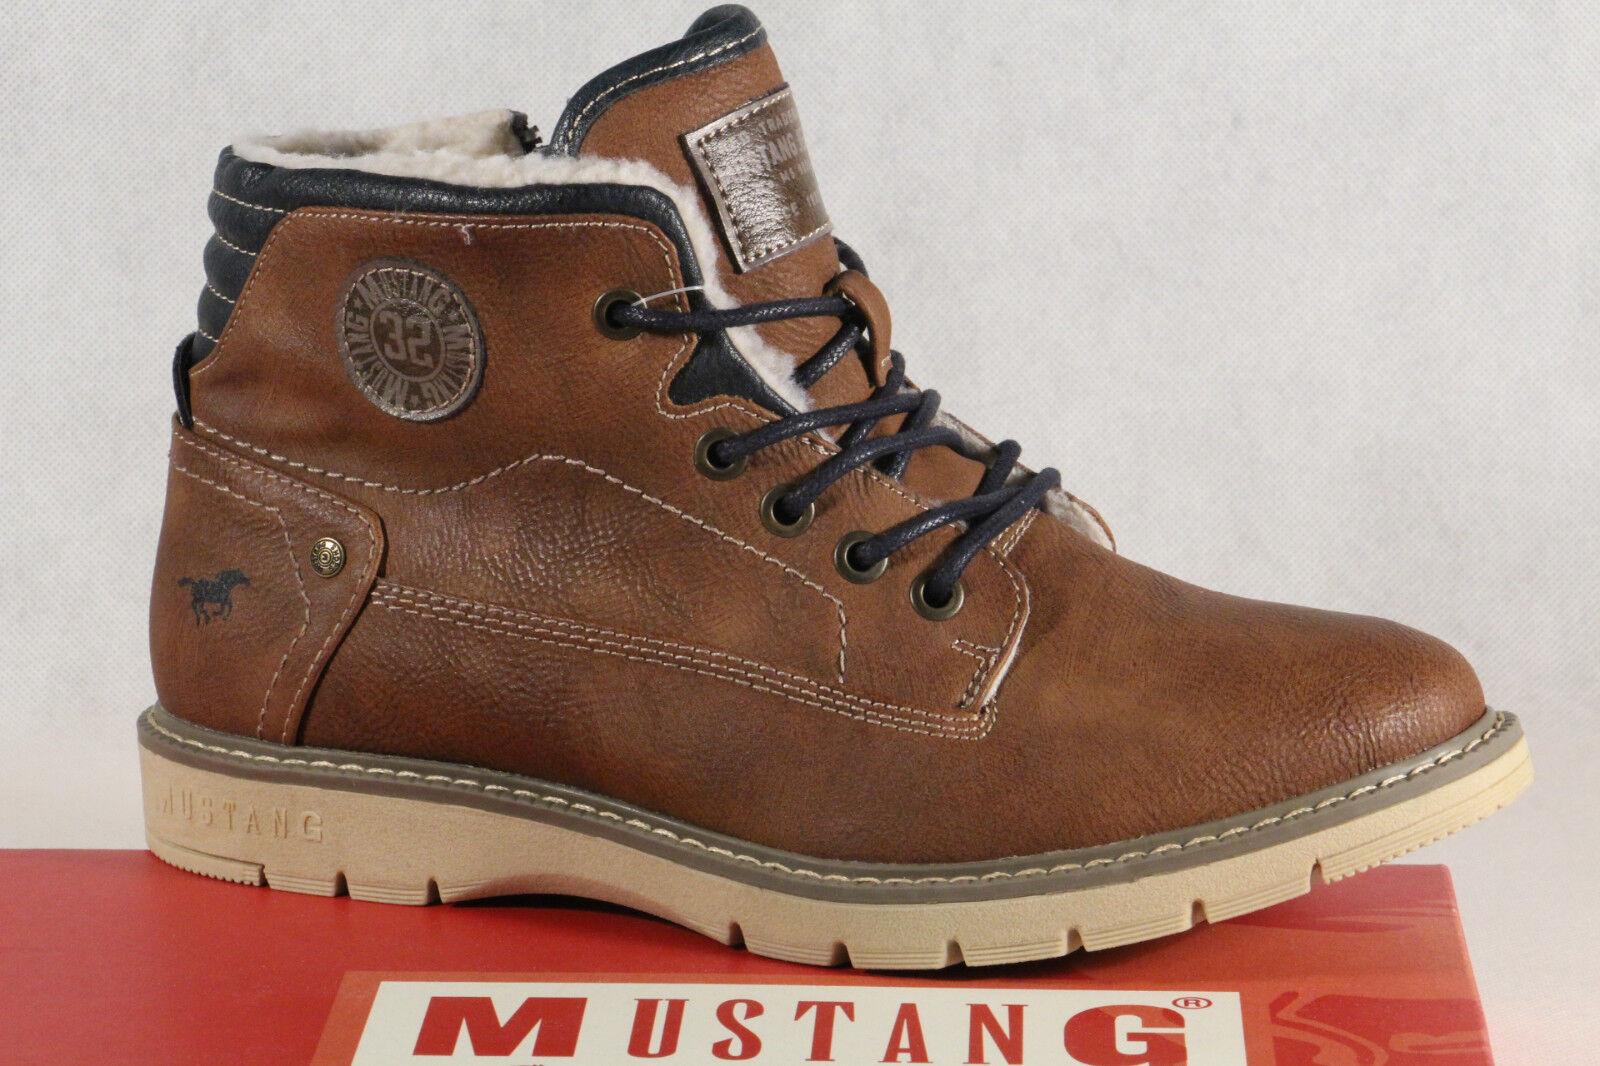 Mustang Stiefel Stiefeletten Stiefelette Schnürstiefel Stiefel braun 5017 NEU